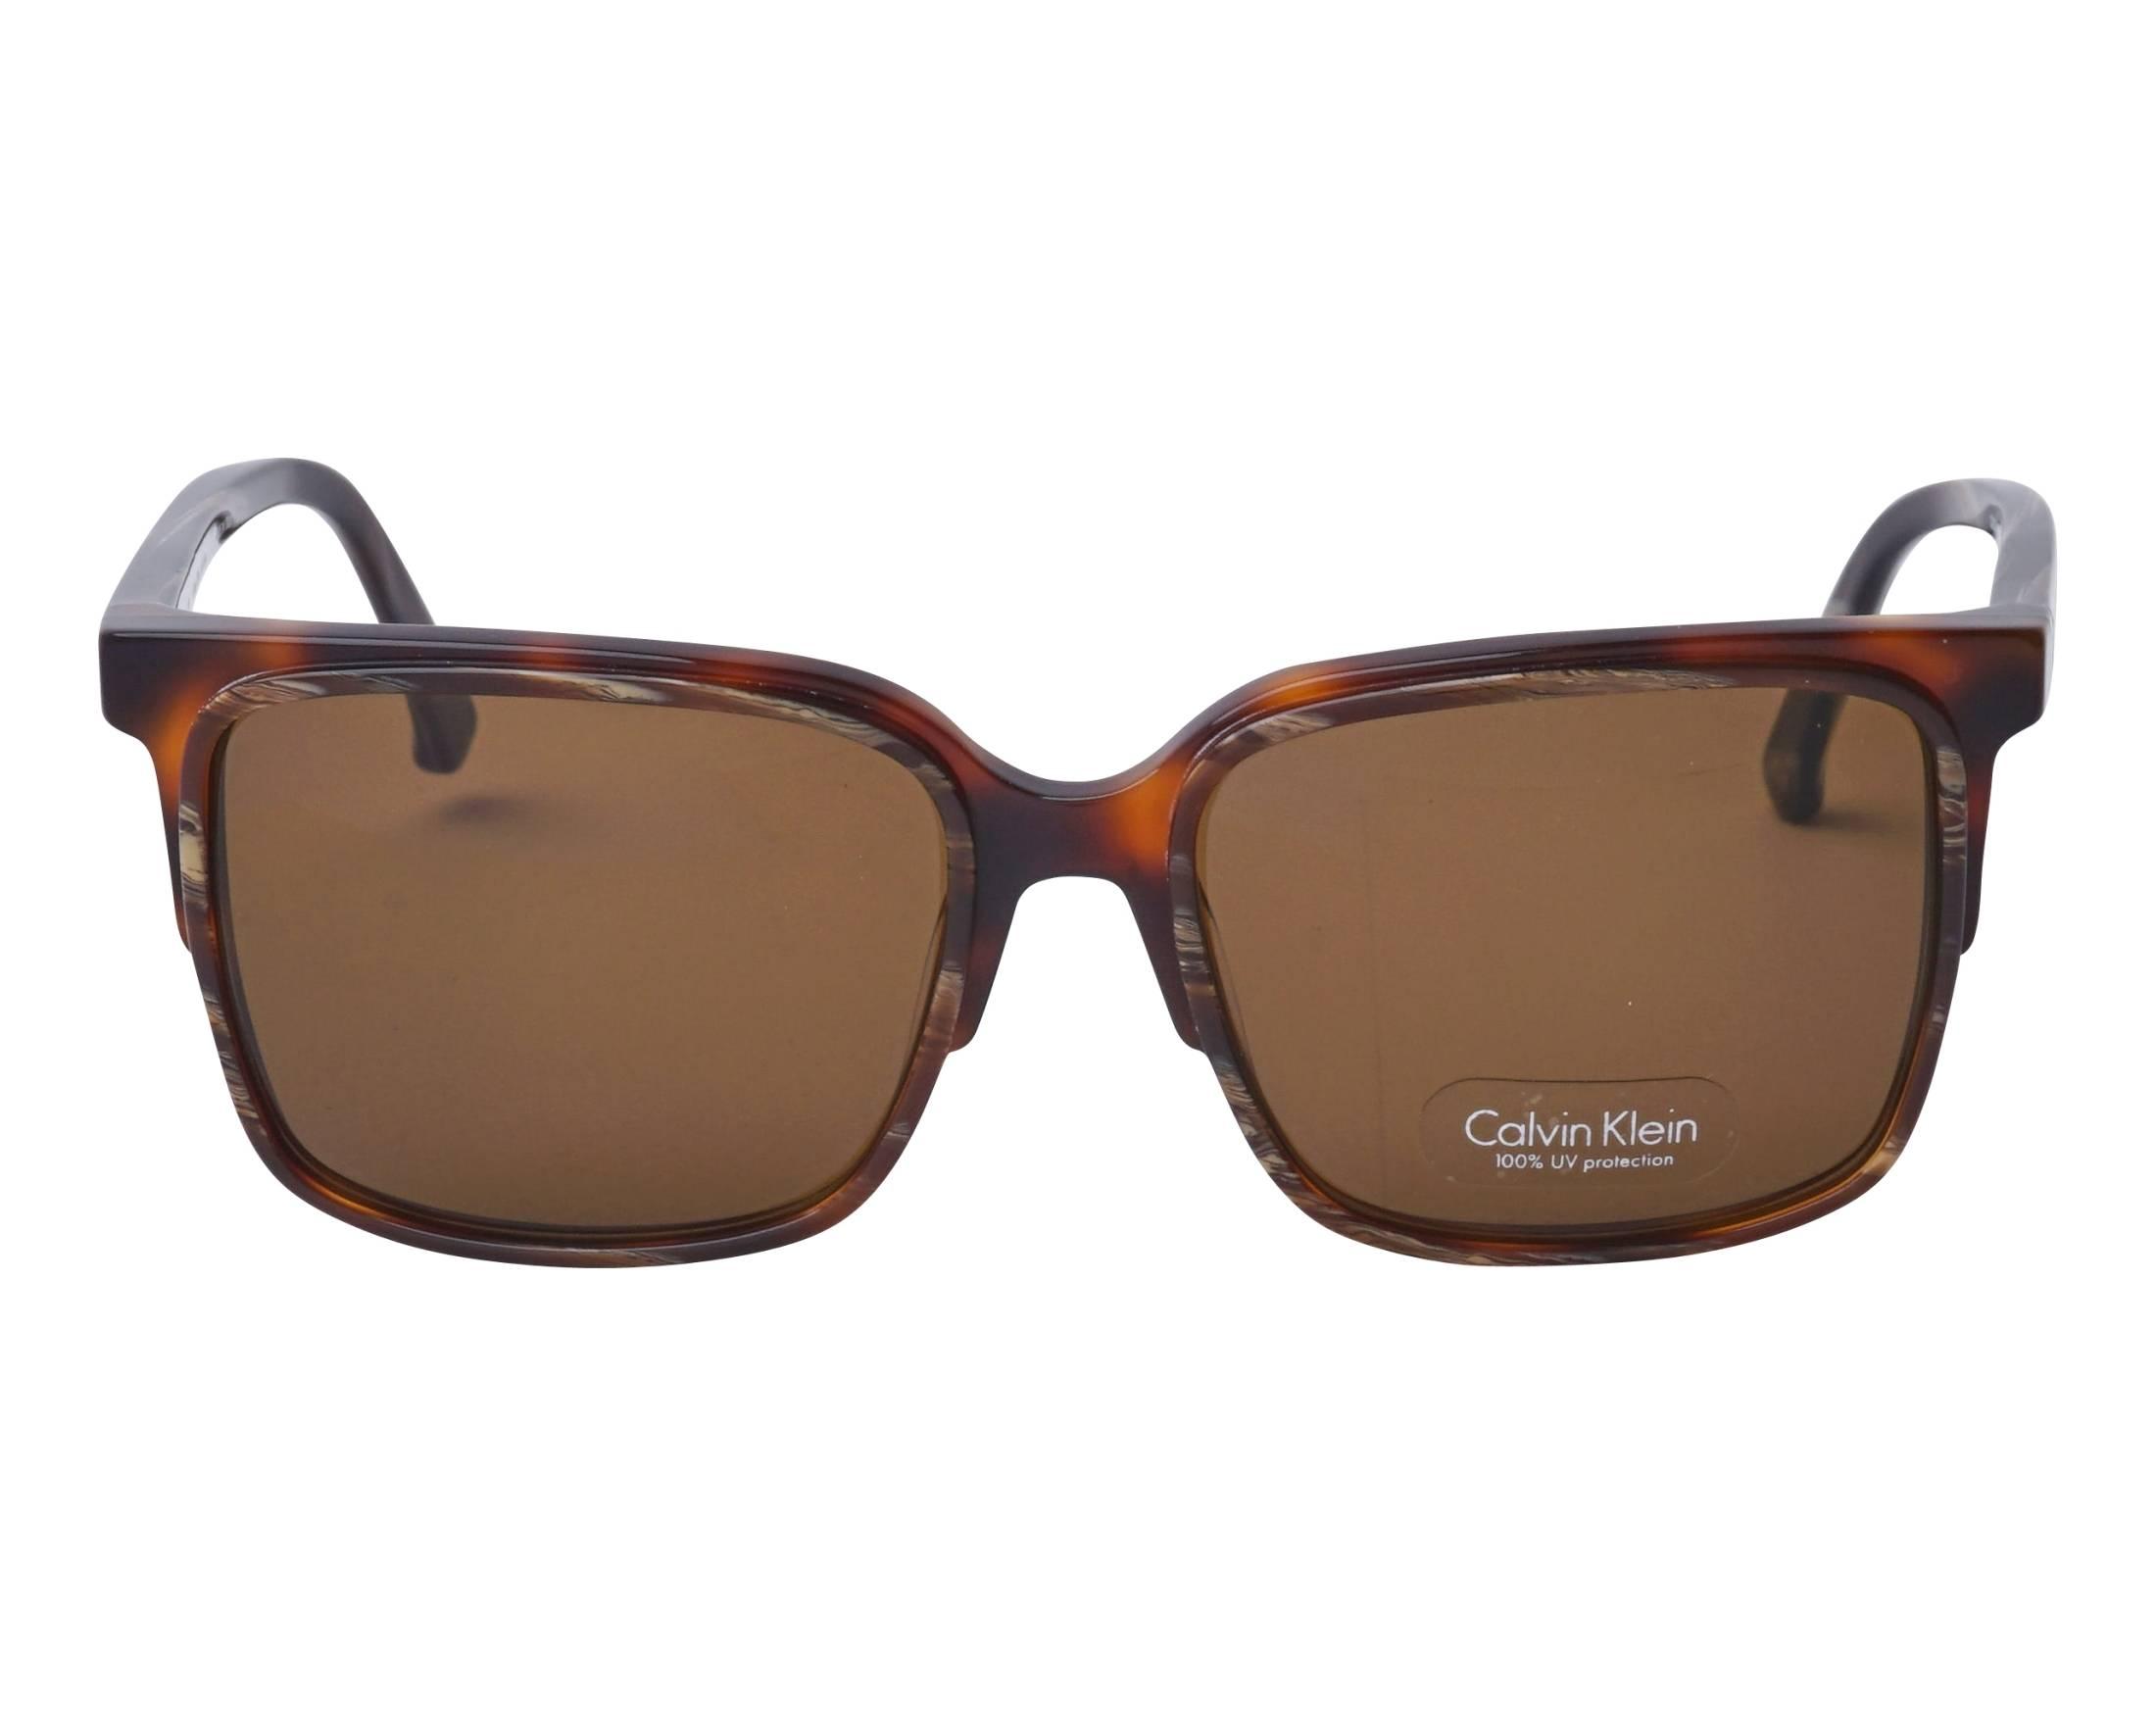 8574 244 HommesMarron Lunettes de soleil Calvin Klein Ck s 80wOnPkX